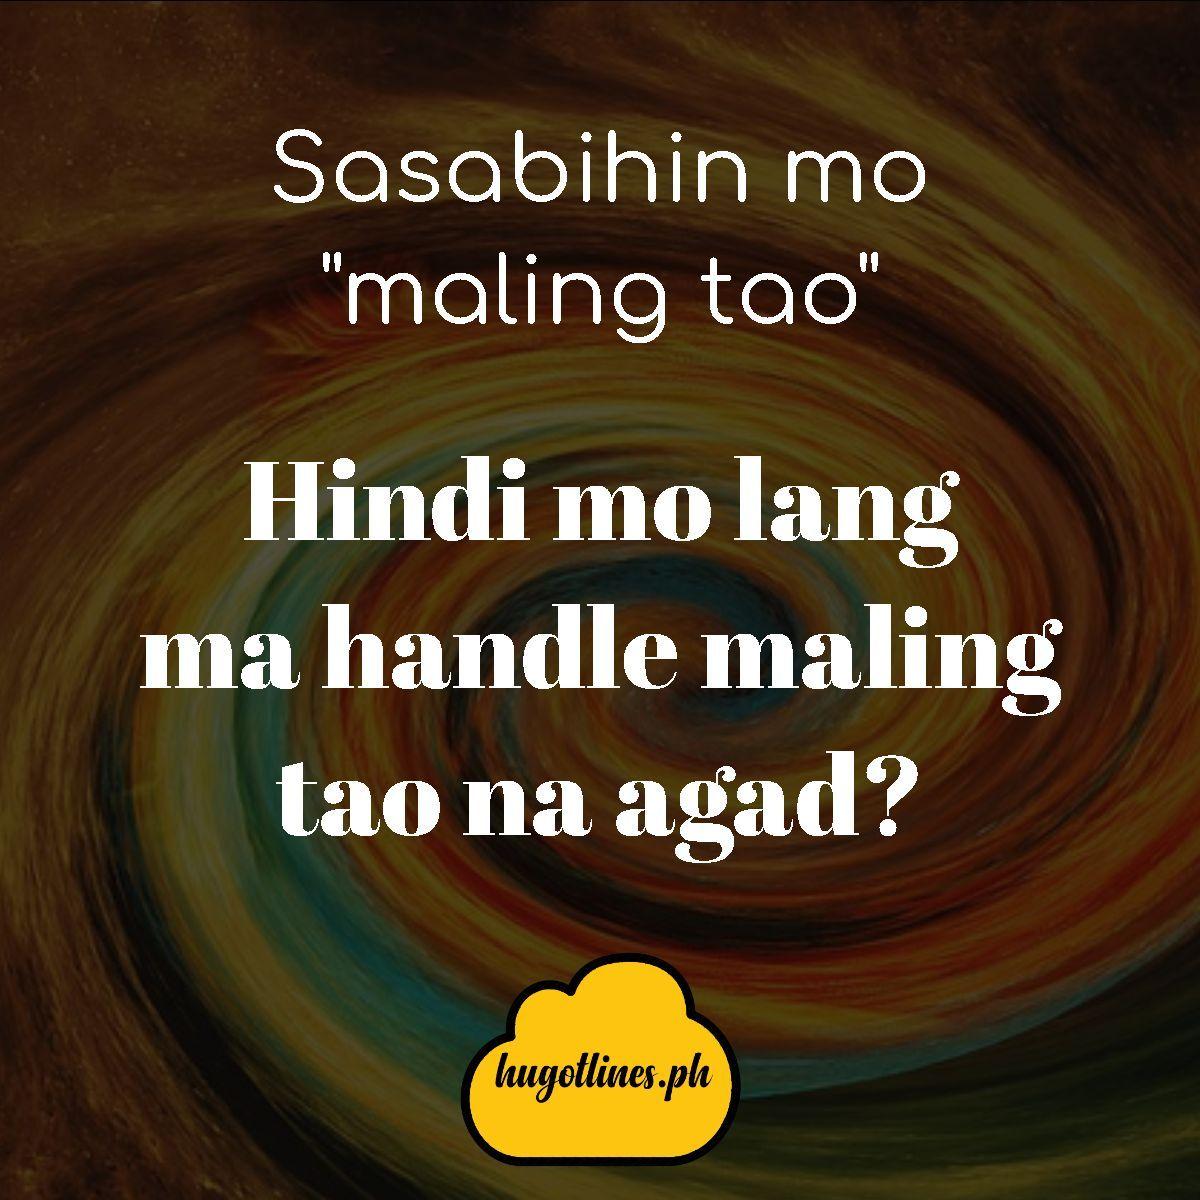 Hugot Lines Sasabihin Mo Maling Tao Hindi Mo Lang Ma Handle Maling Tao Na Agad Hugot Lines Hugot Lines Englis Hugot Quotes Hugot Lines Tagalog Hugot Lines